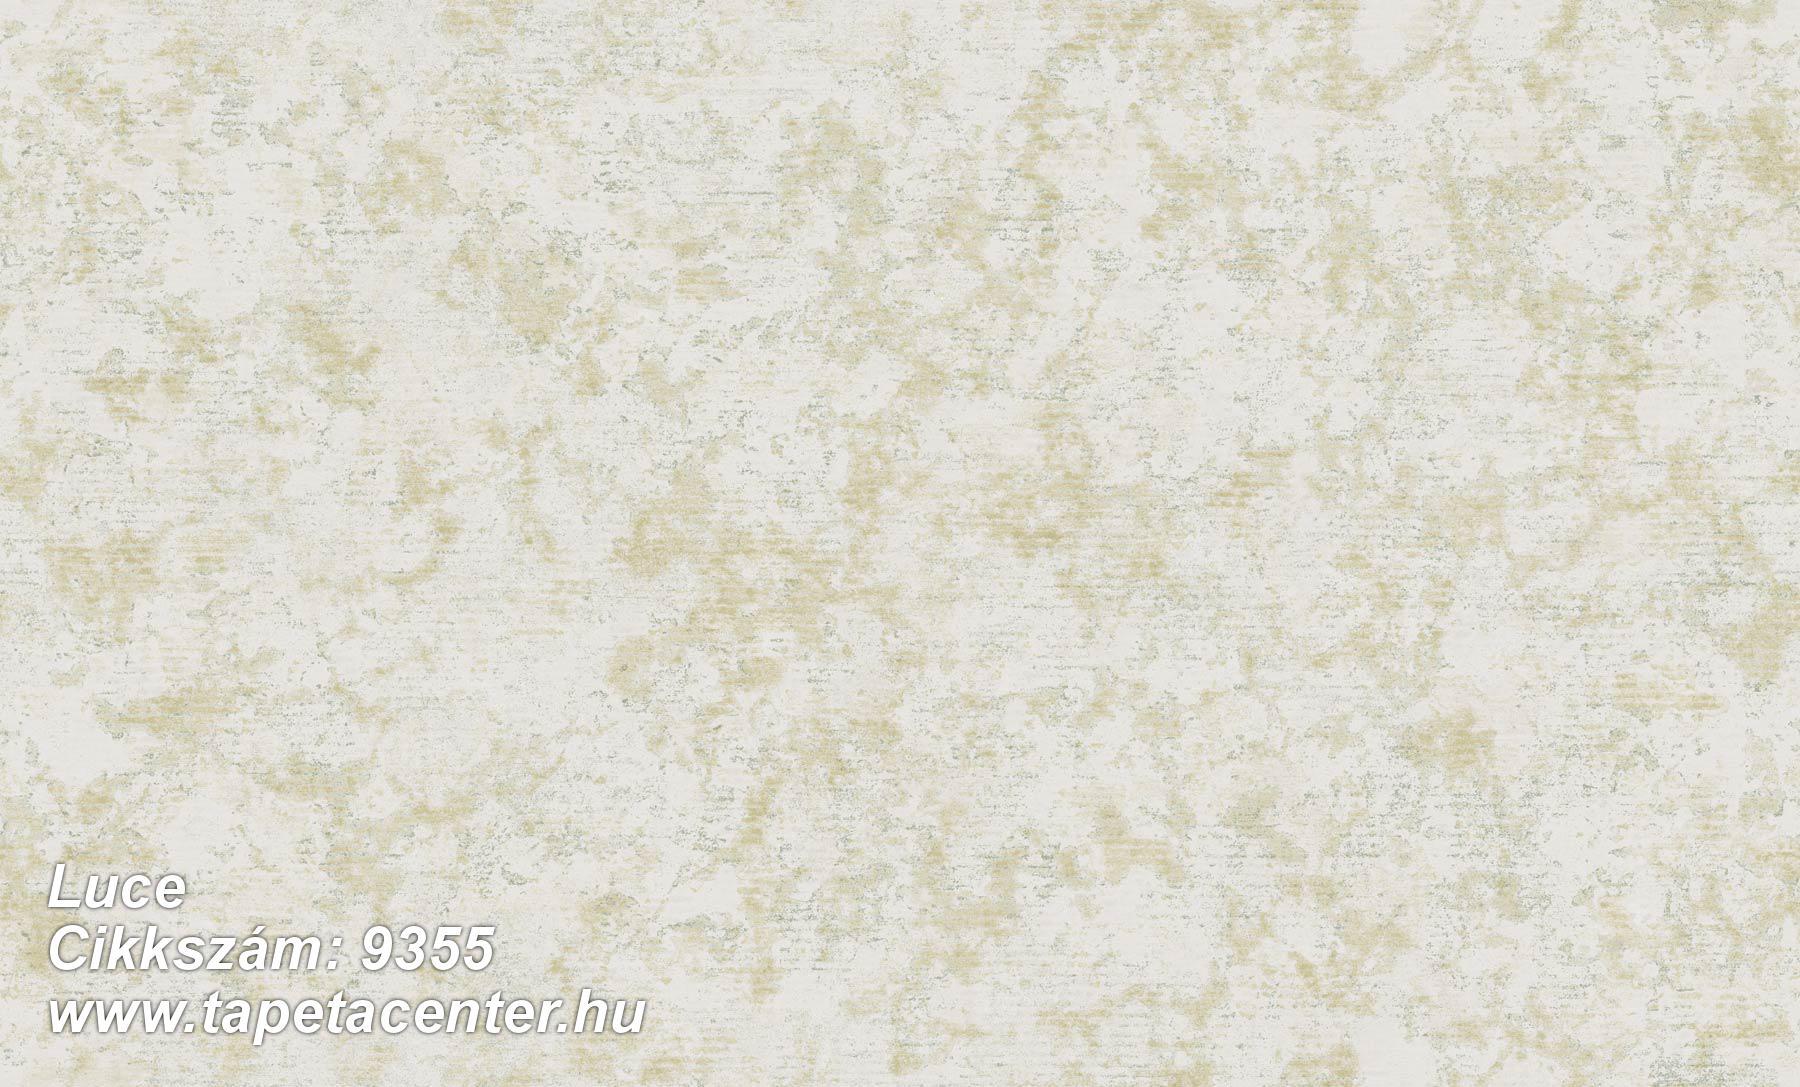 Luce - 9355 Olasz tapéta